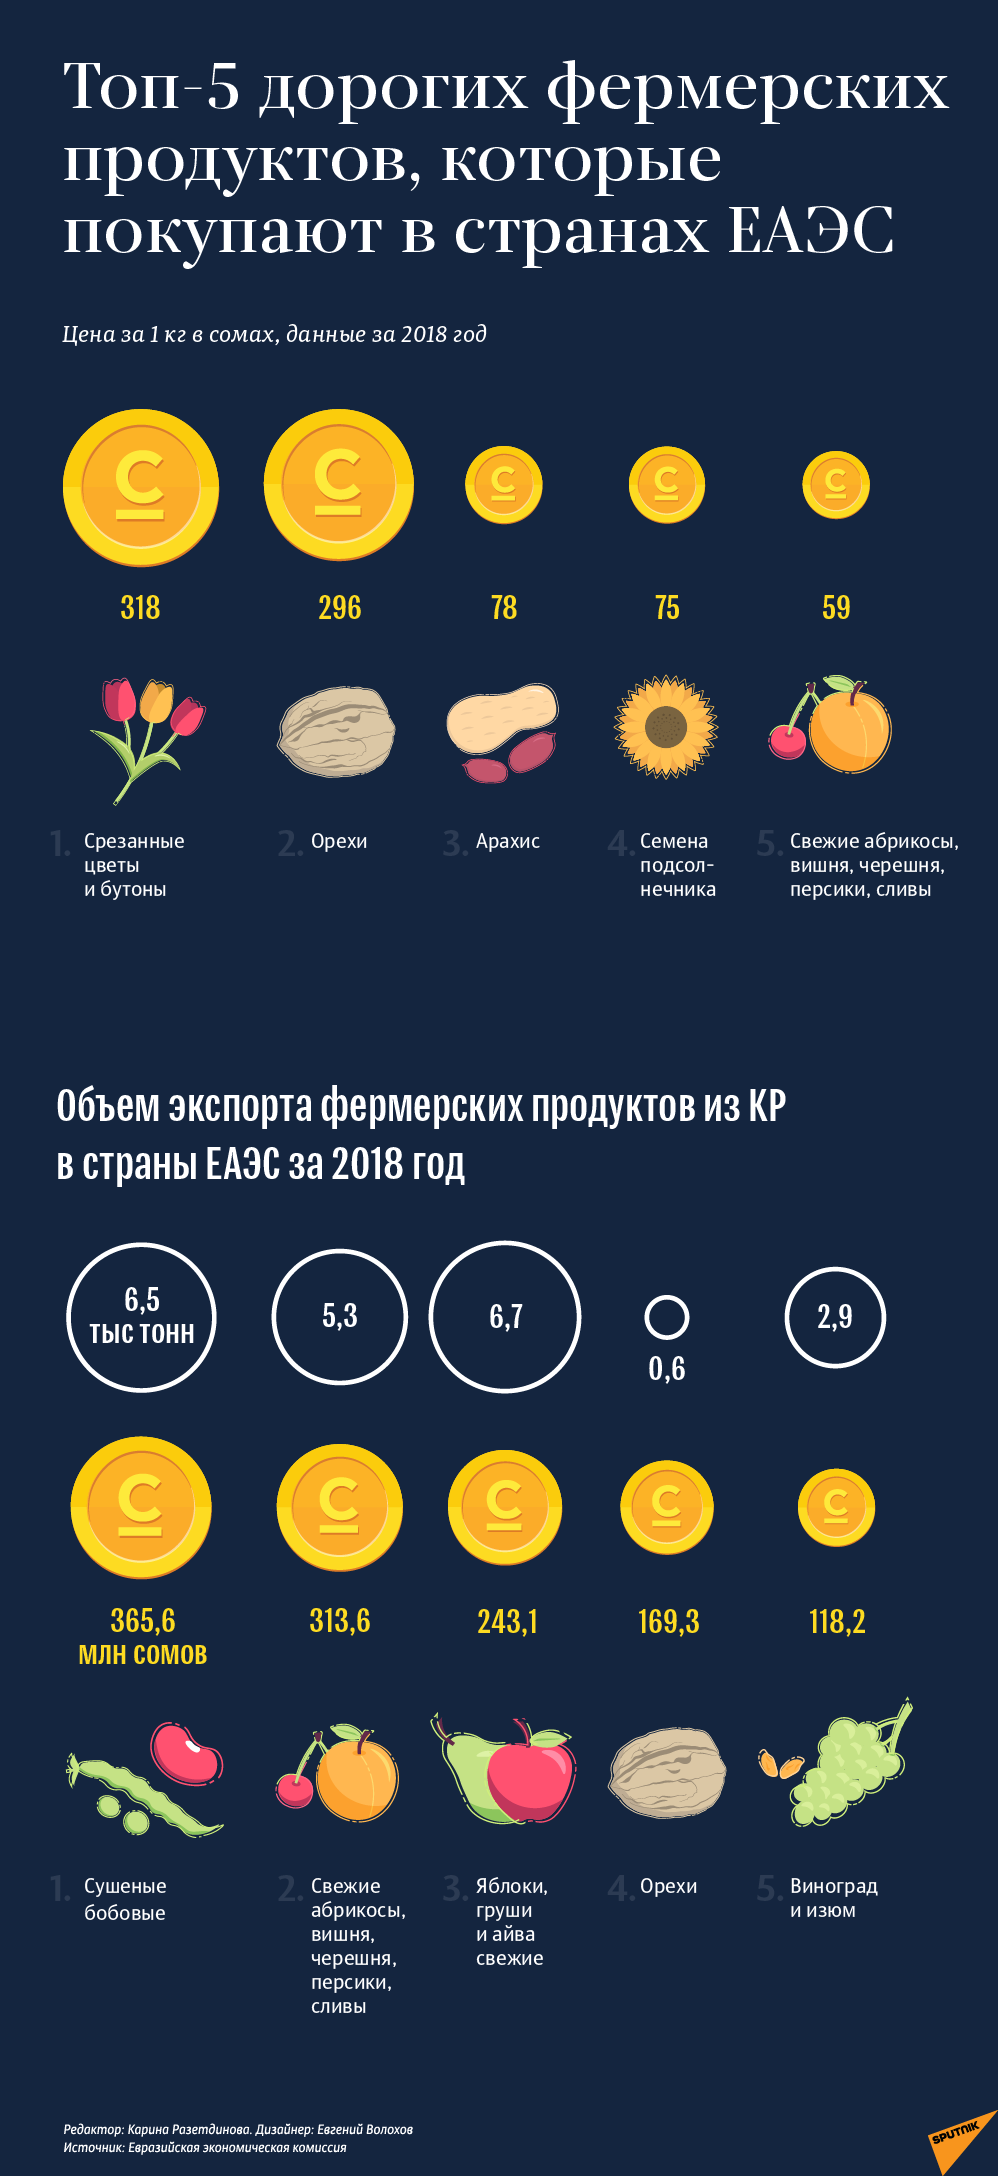 Топ-5 дорогих фермерских продуктов, которые покупают в странах ЕАЭС